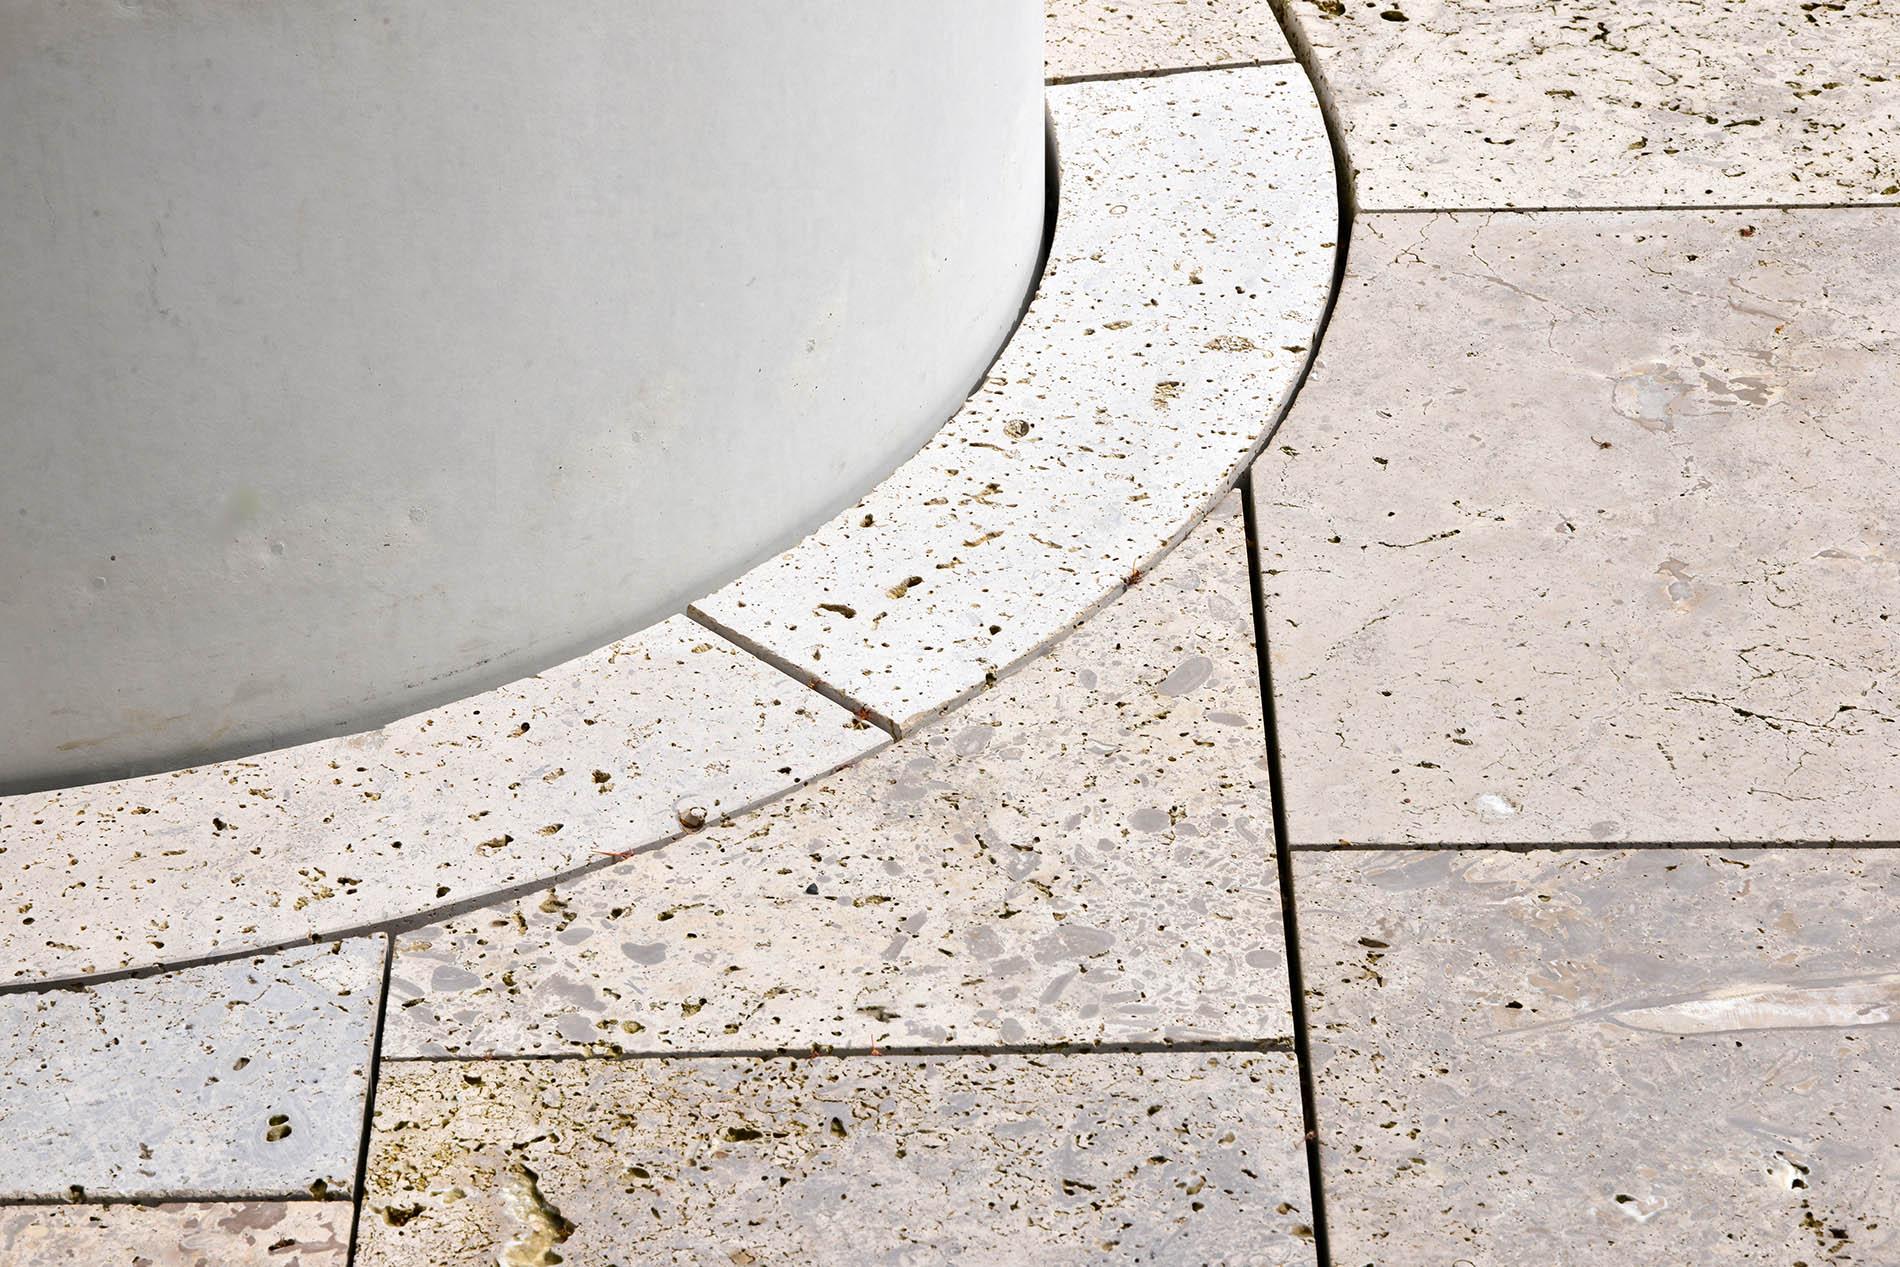 Kreissparkasse (KSK) Tuttlingen Bodenplattenn Wasserbecken Detail Travertin Sonderbuch geschliffen TRACO Naturstein